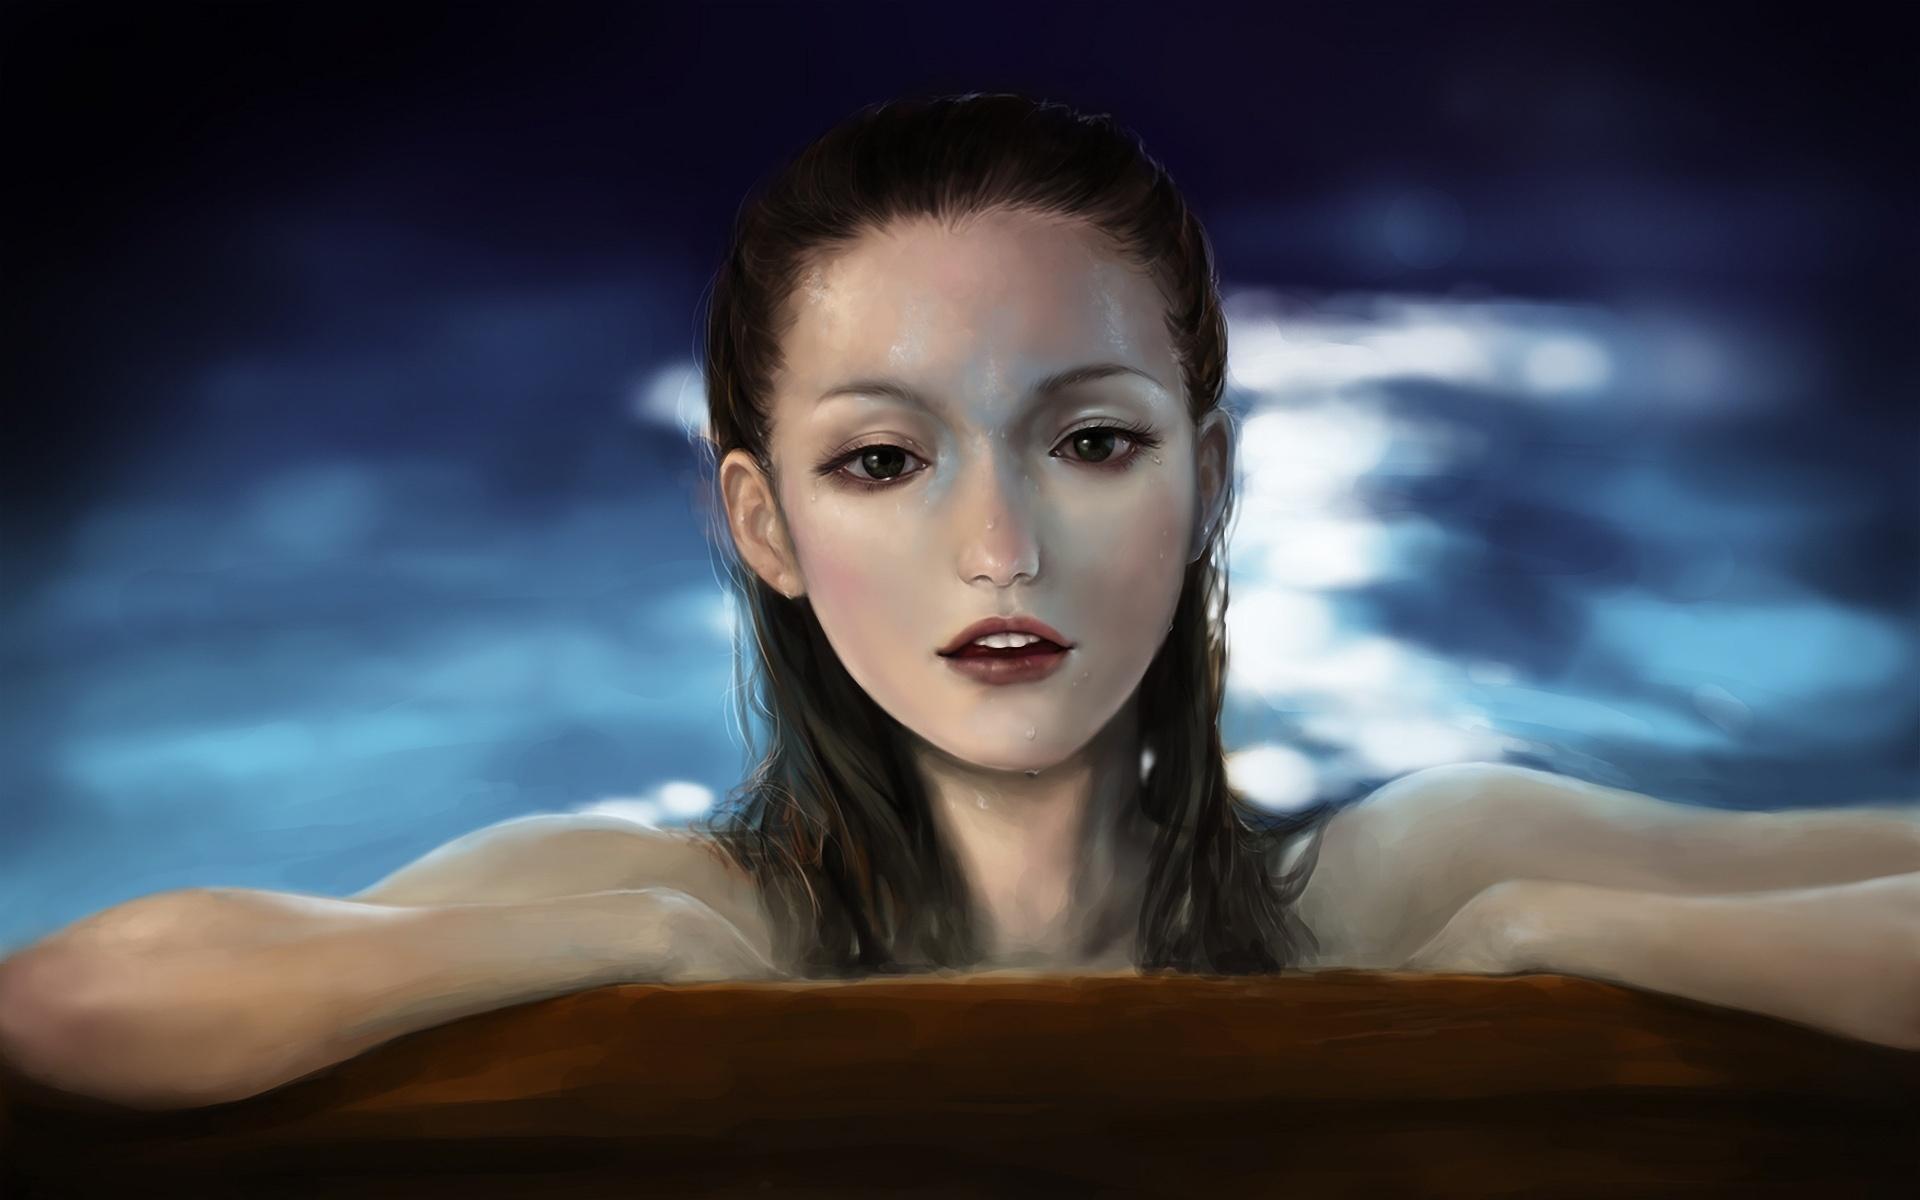 Hintergrundbilder beschreibung kunst meerjungfrau mädchen